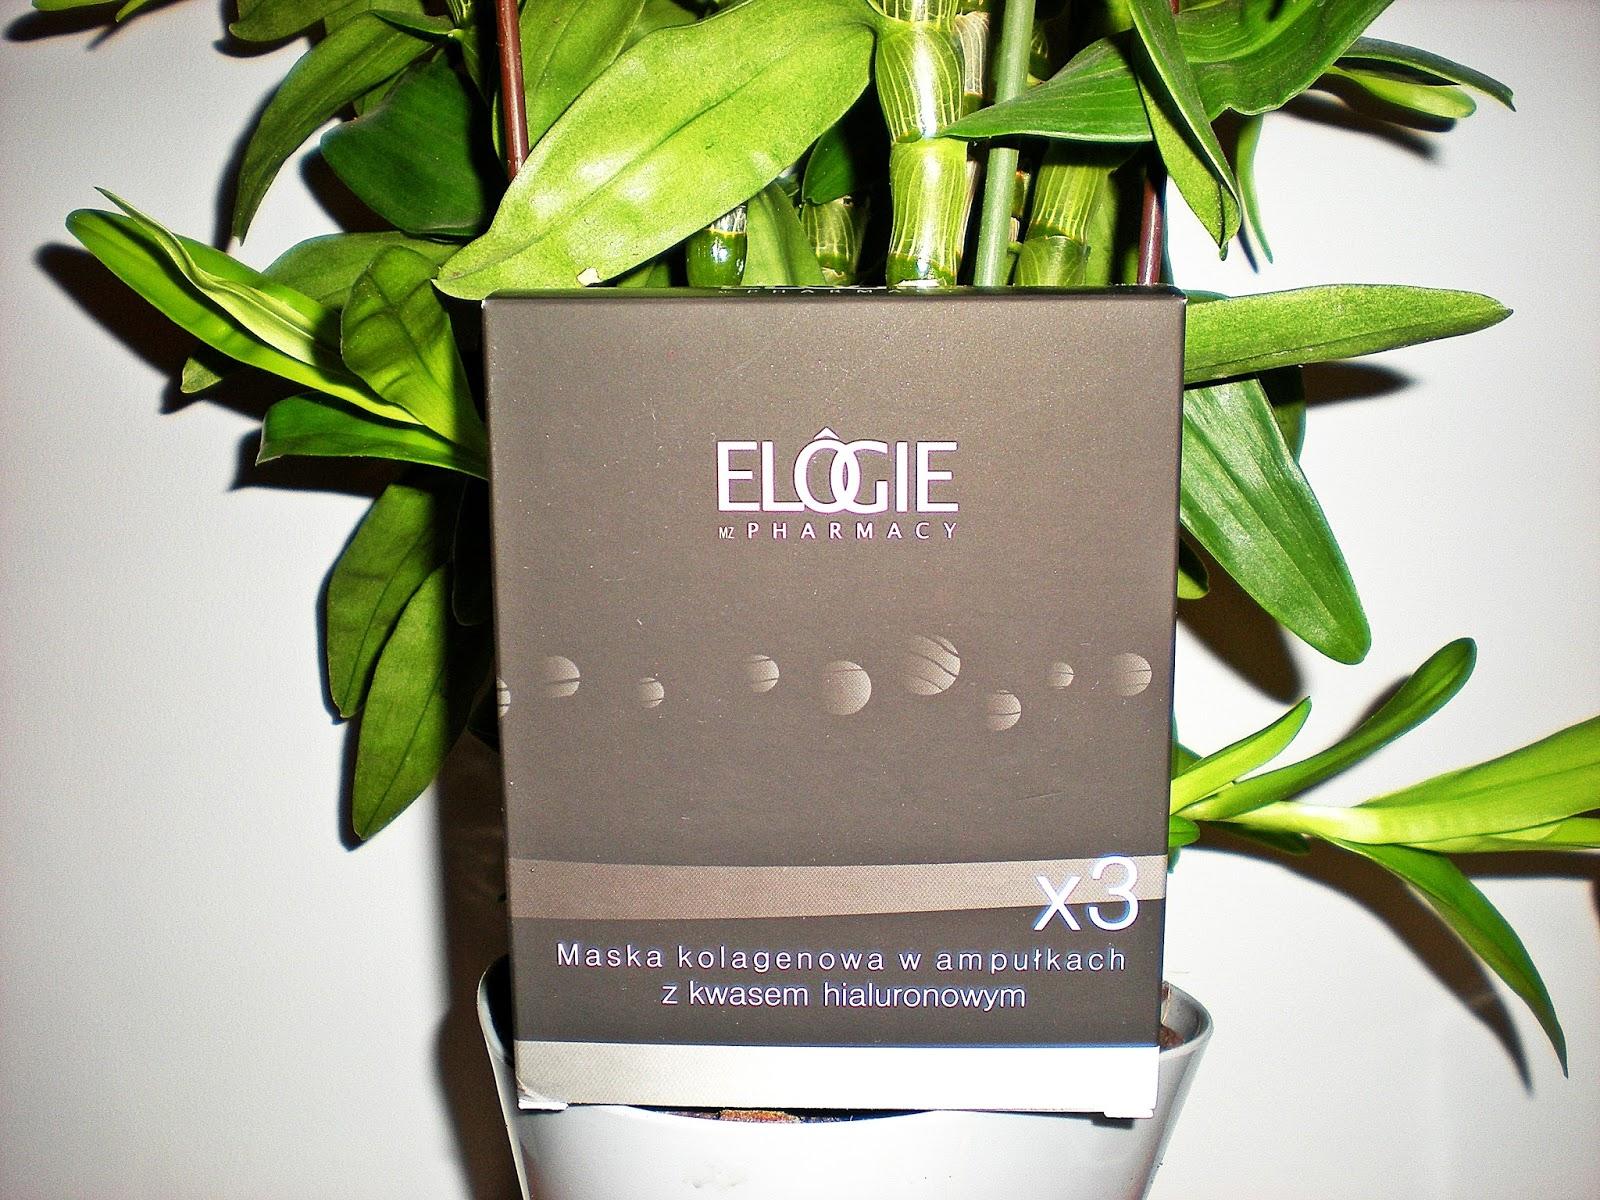 ELOGIE: Maski kolagenowe w ampułkach